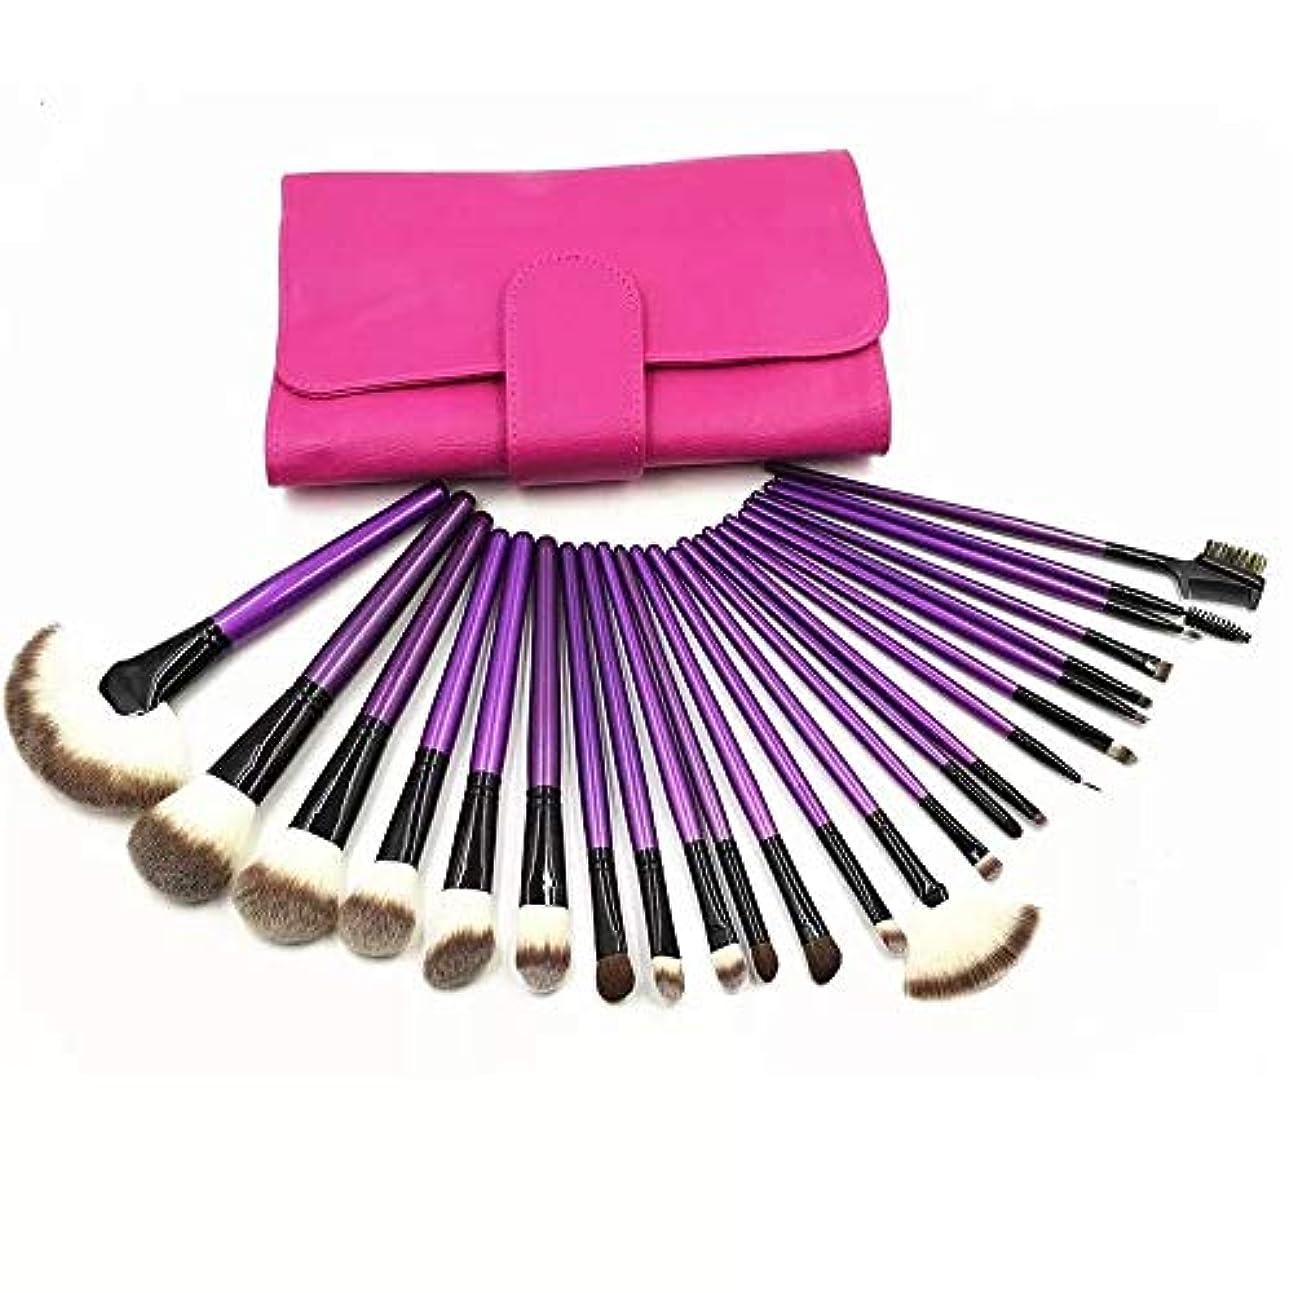 撃退するエンコミウム好みMakeup brushes 多様性に富んだ完璧な使用、あなたの必要性を許すために保護袖が付いている24の専門の構造のブラシの場所 suits (Color : Purple)